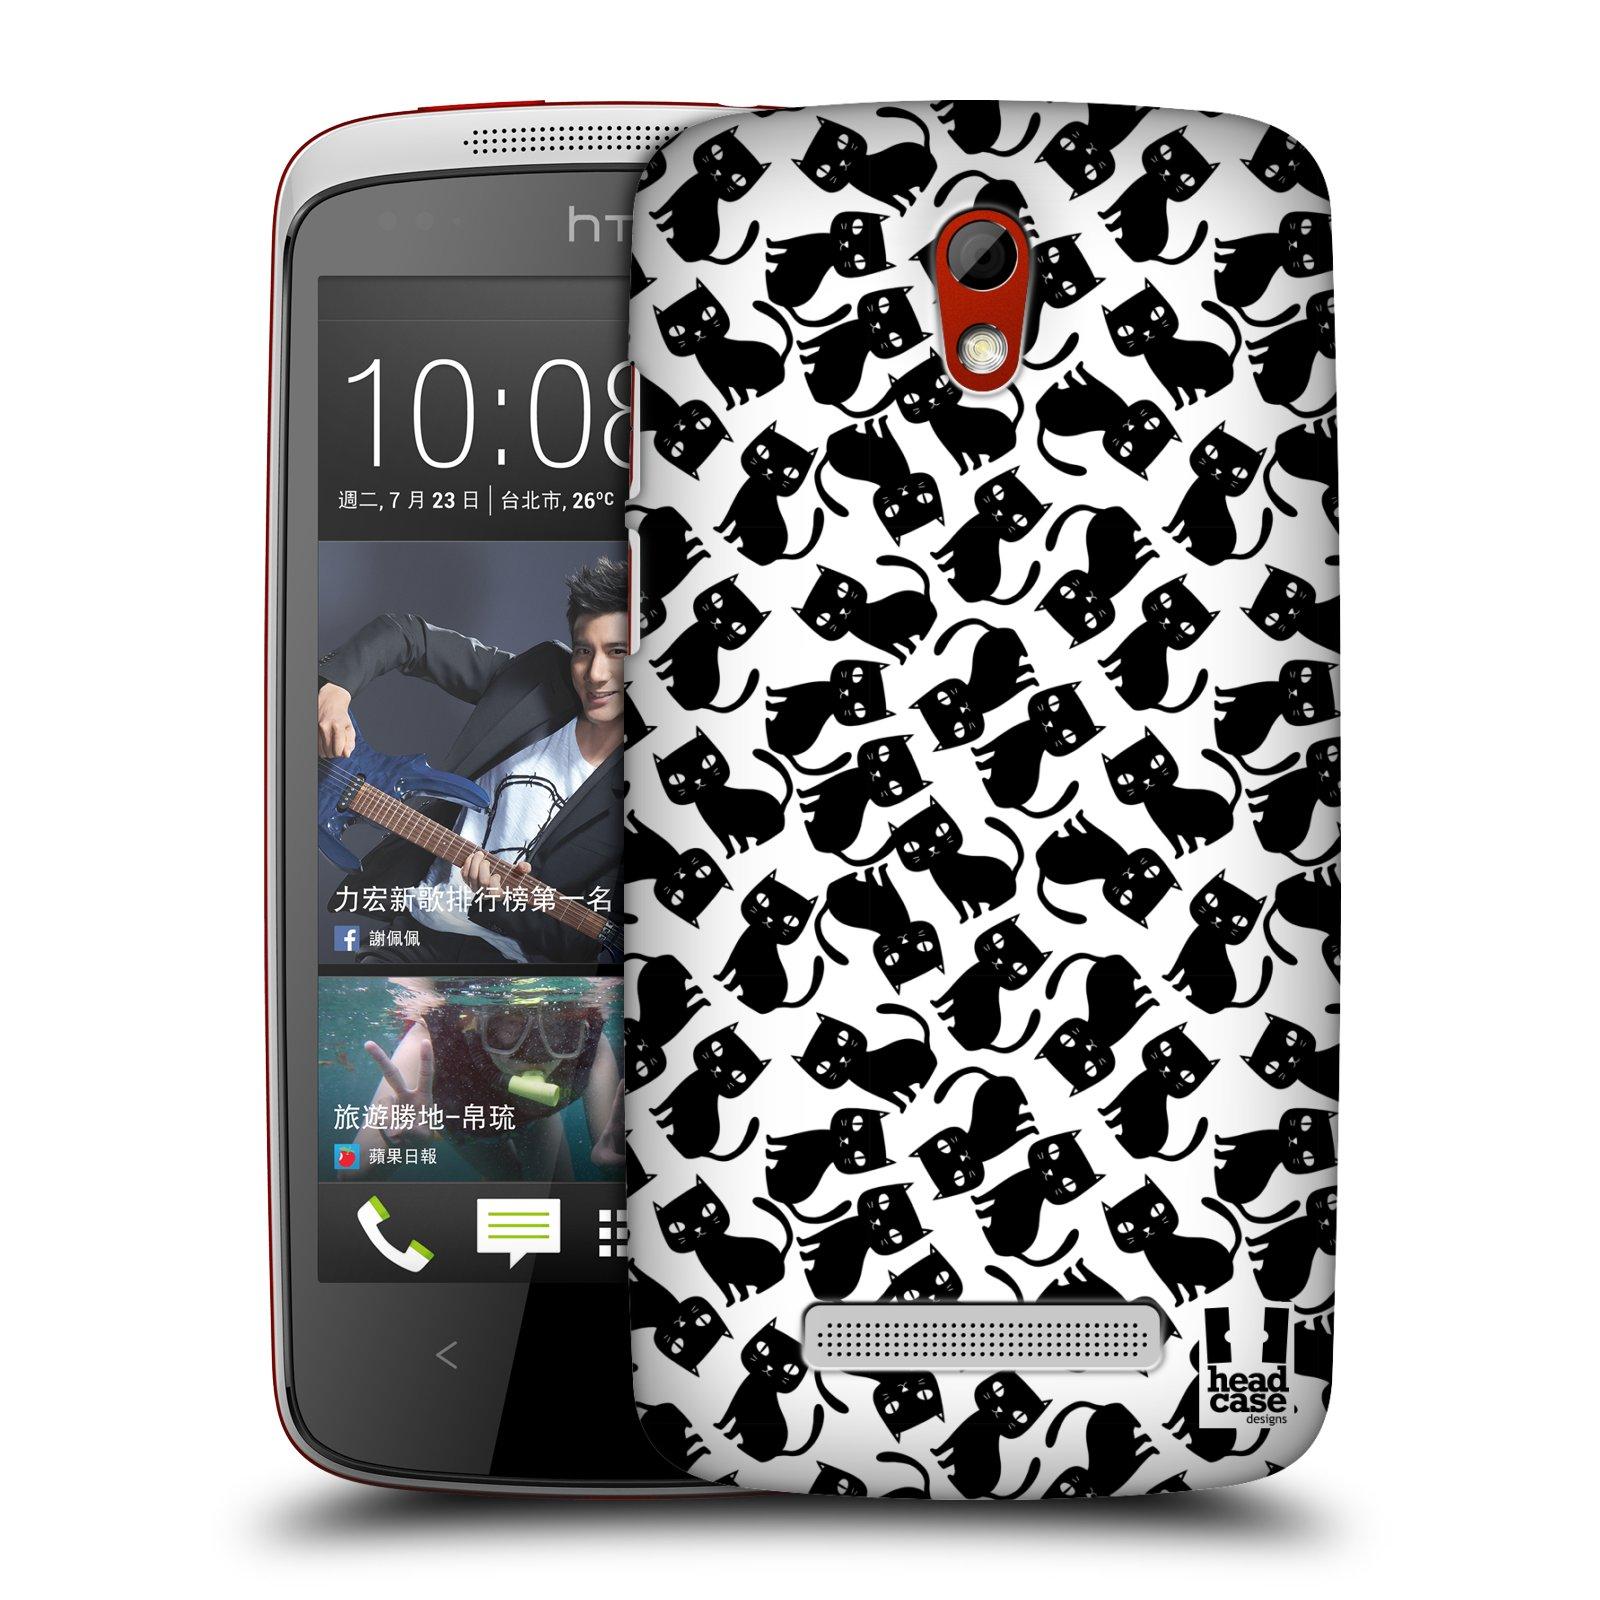 Plastové pouzdro na mobil HTC Desire 500 HEAD CASE KOČKY Black Pattern (Kryt či obal na mobilní telefon HTC Desire 500)